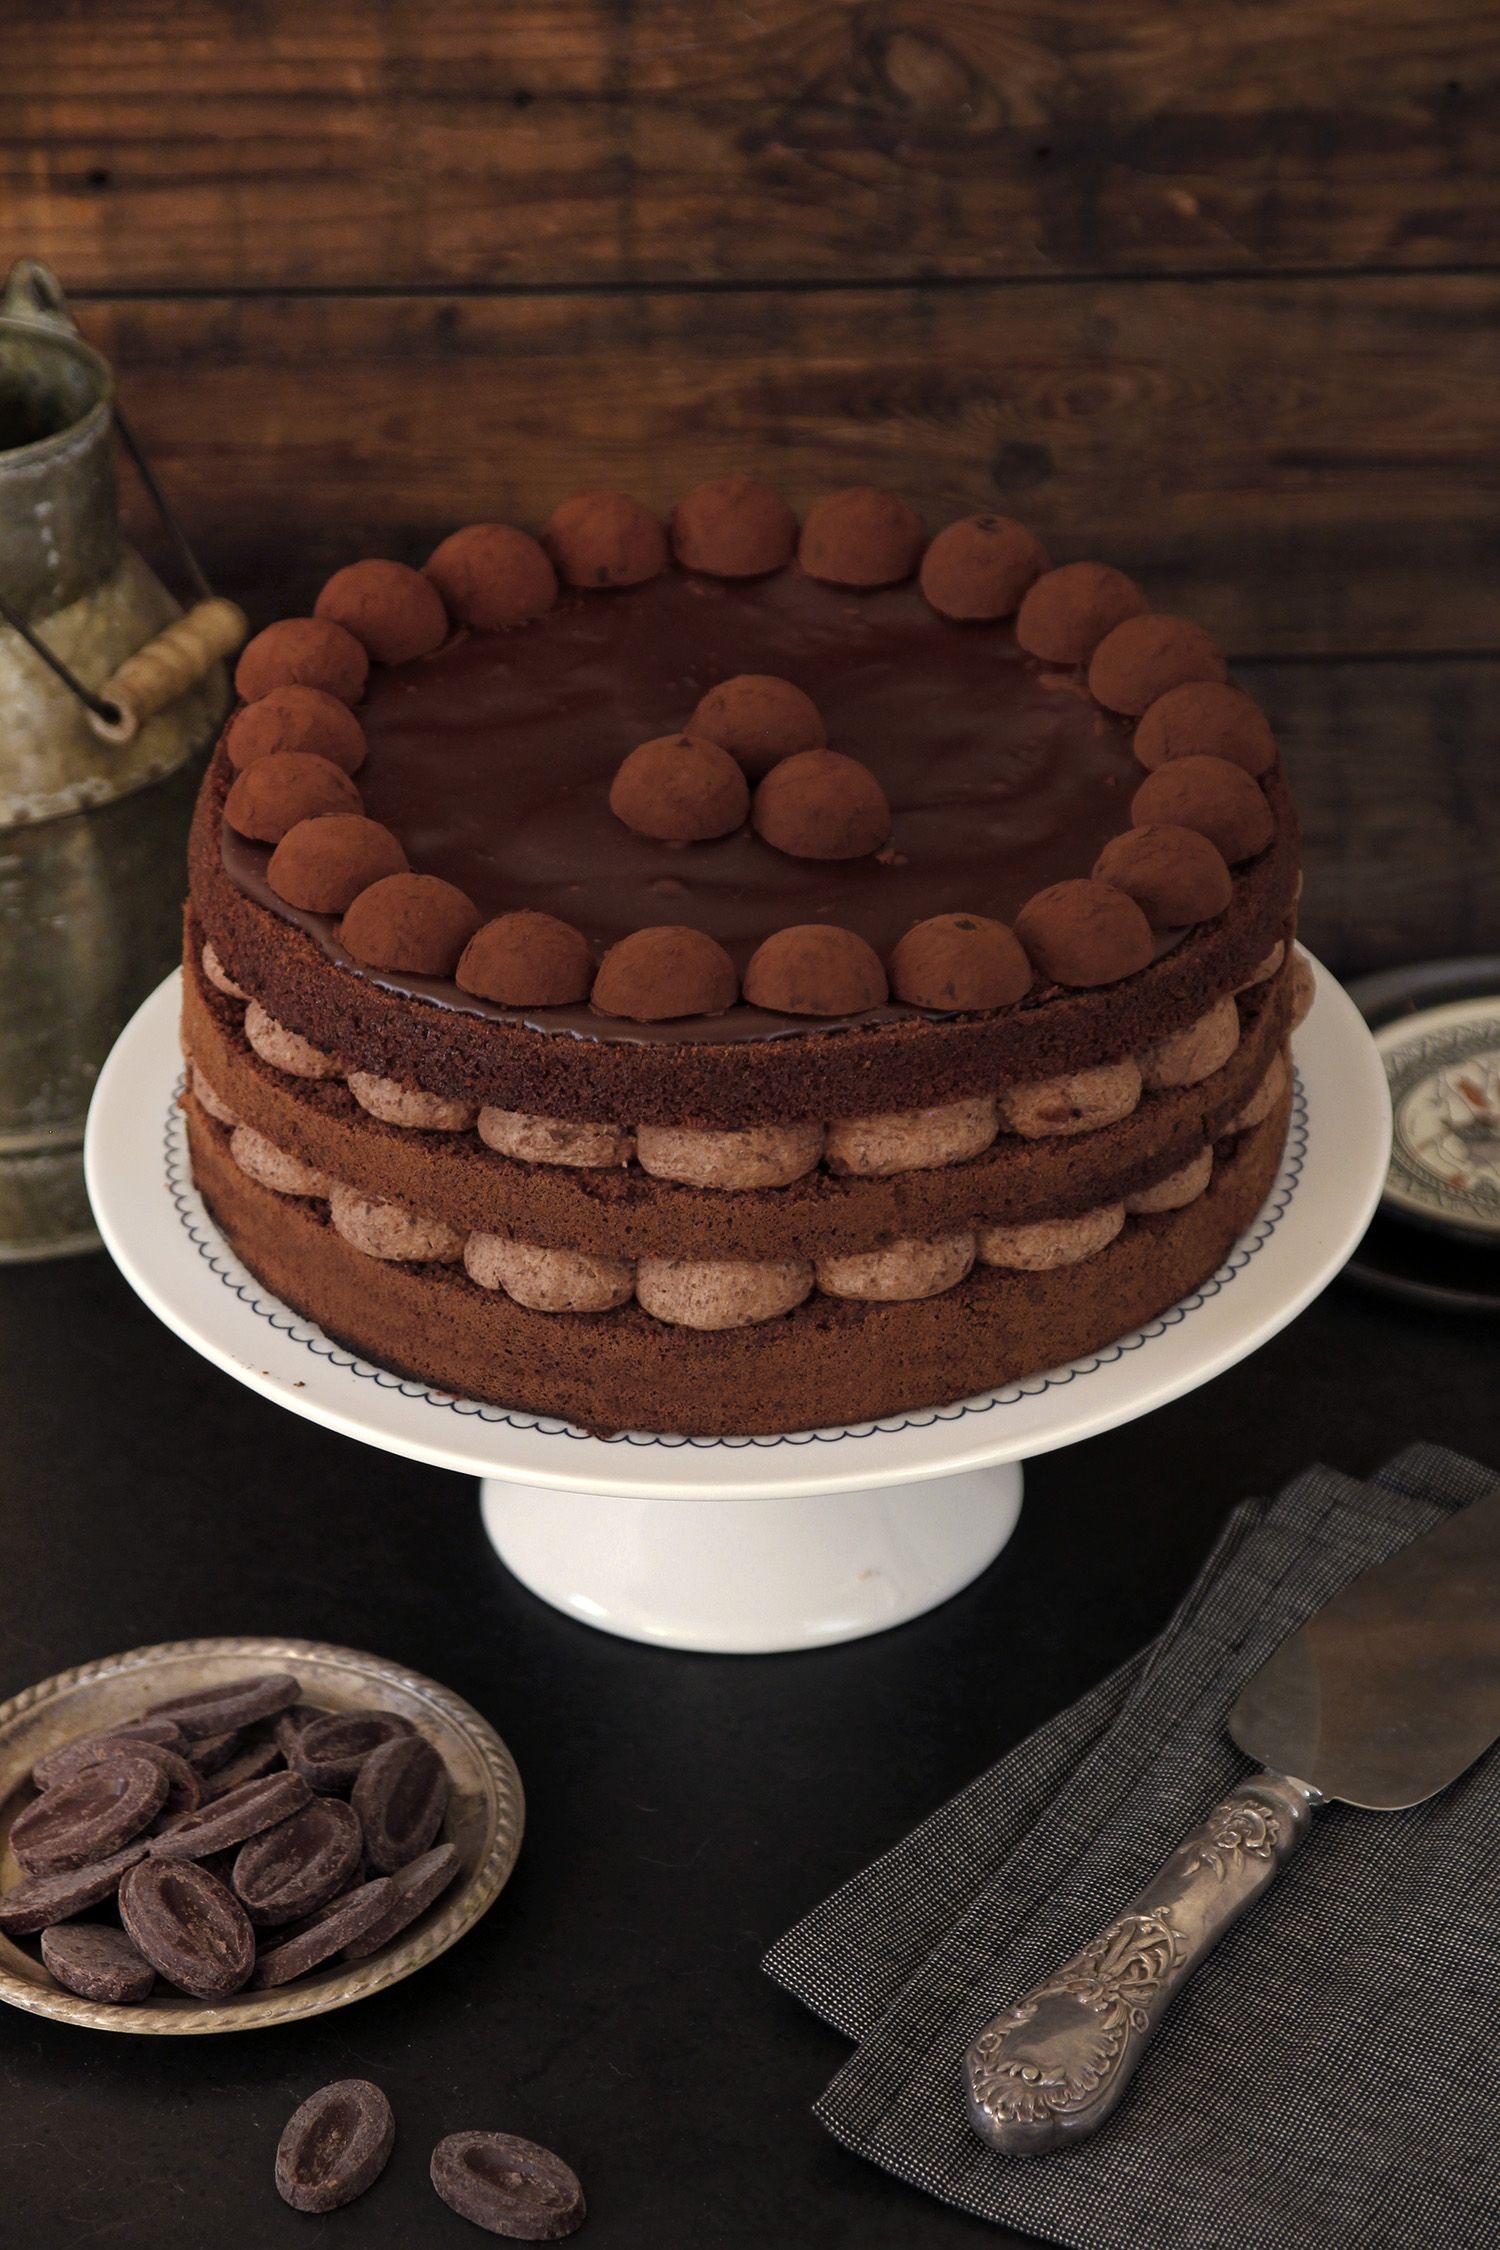 עוגת שוקולד מושלמת ליום הולדת